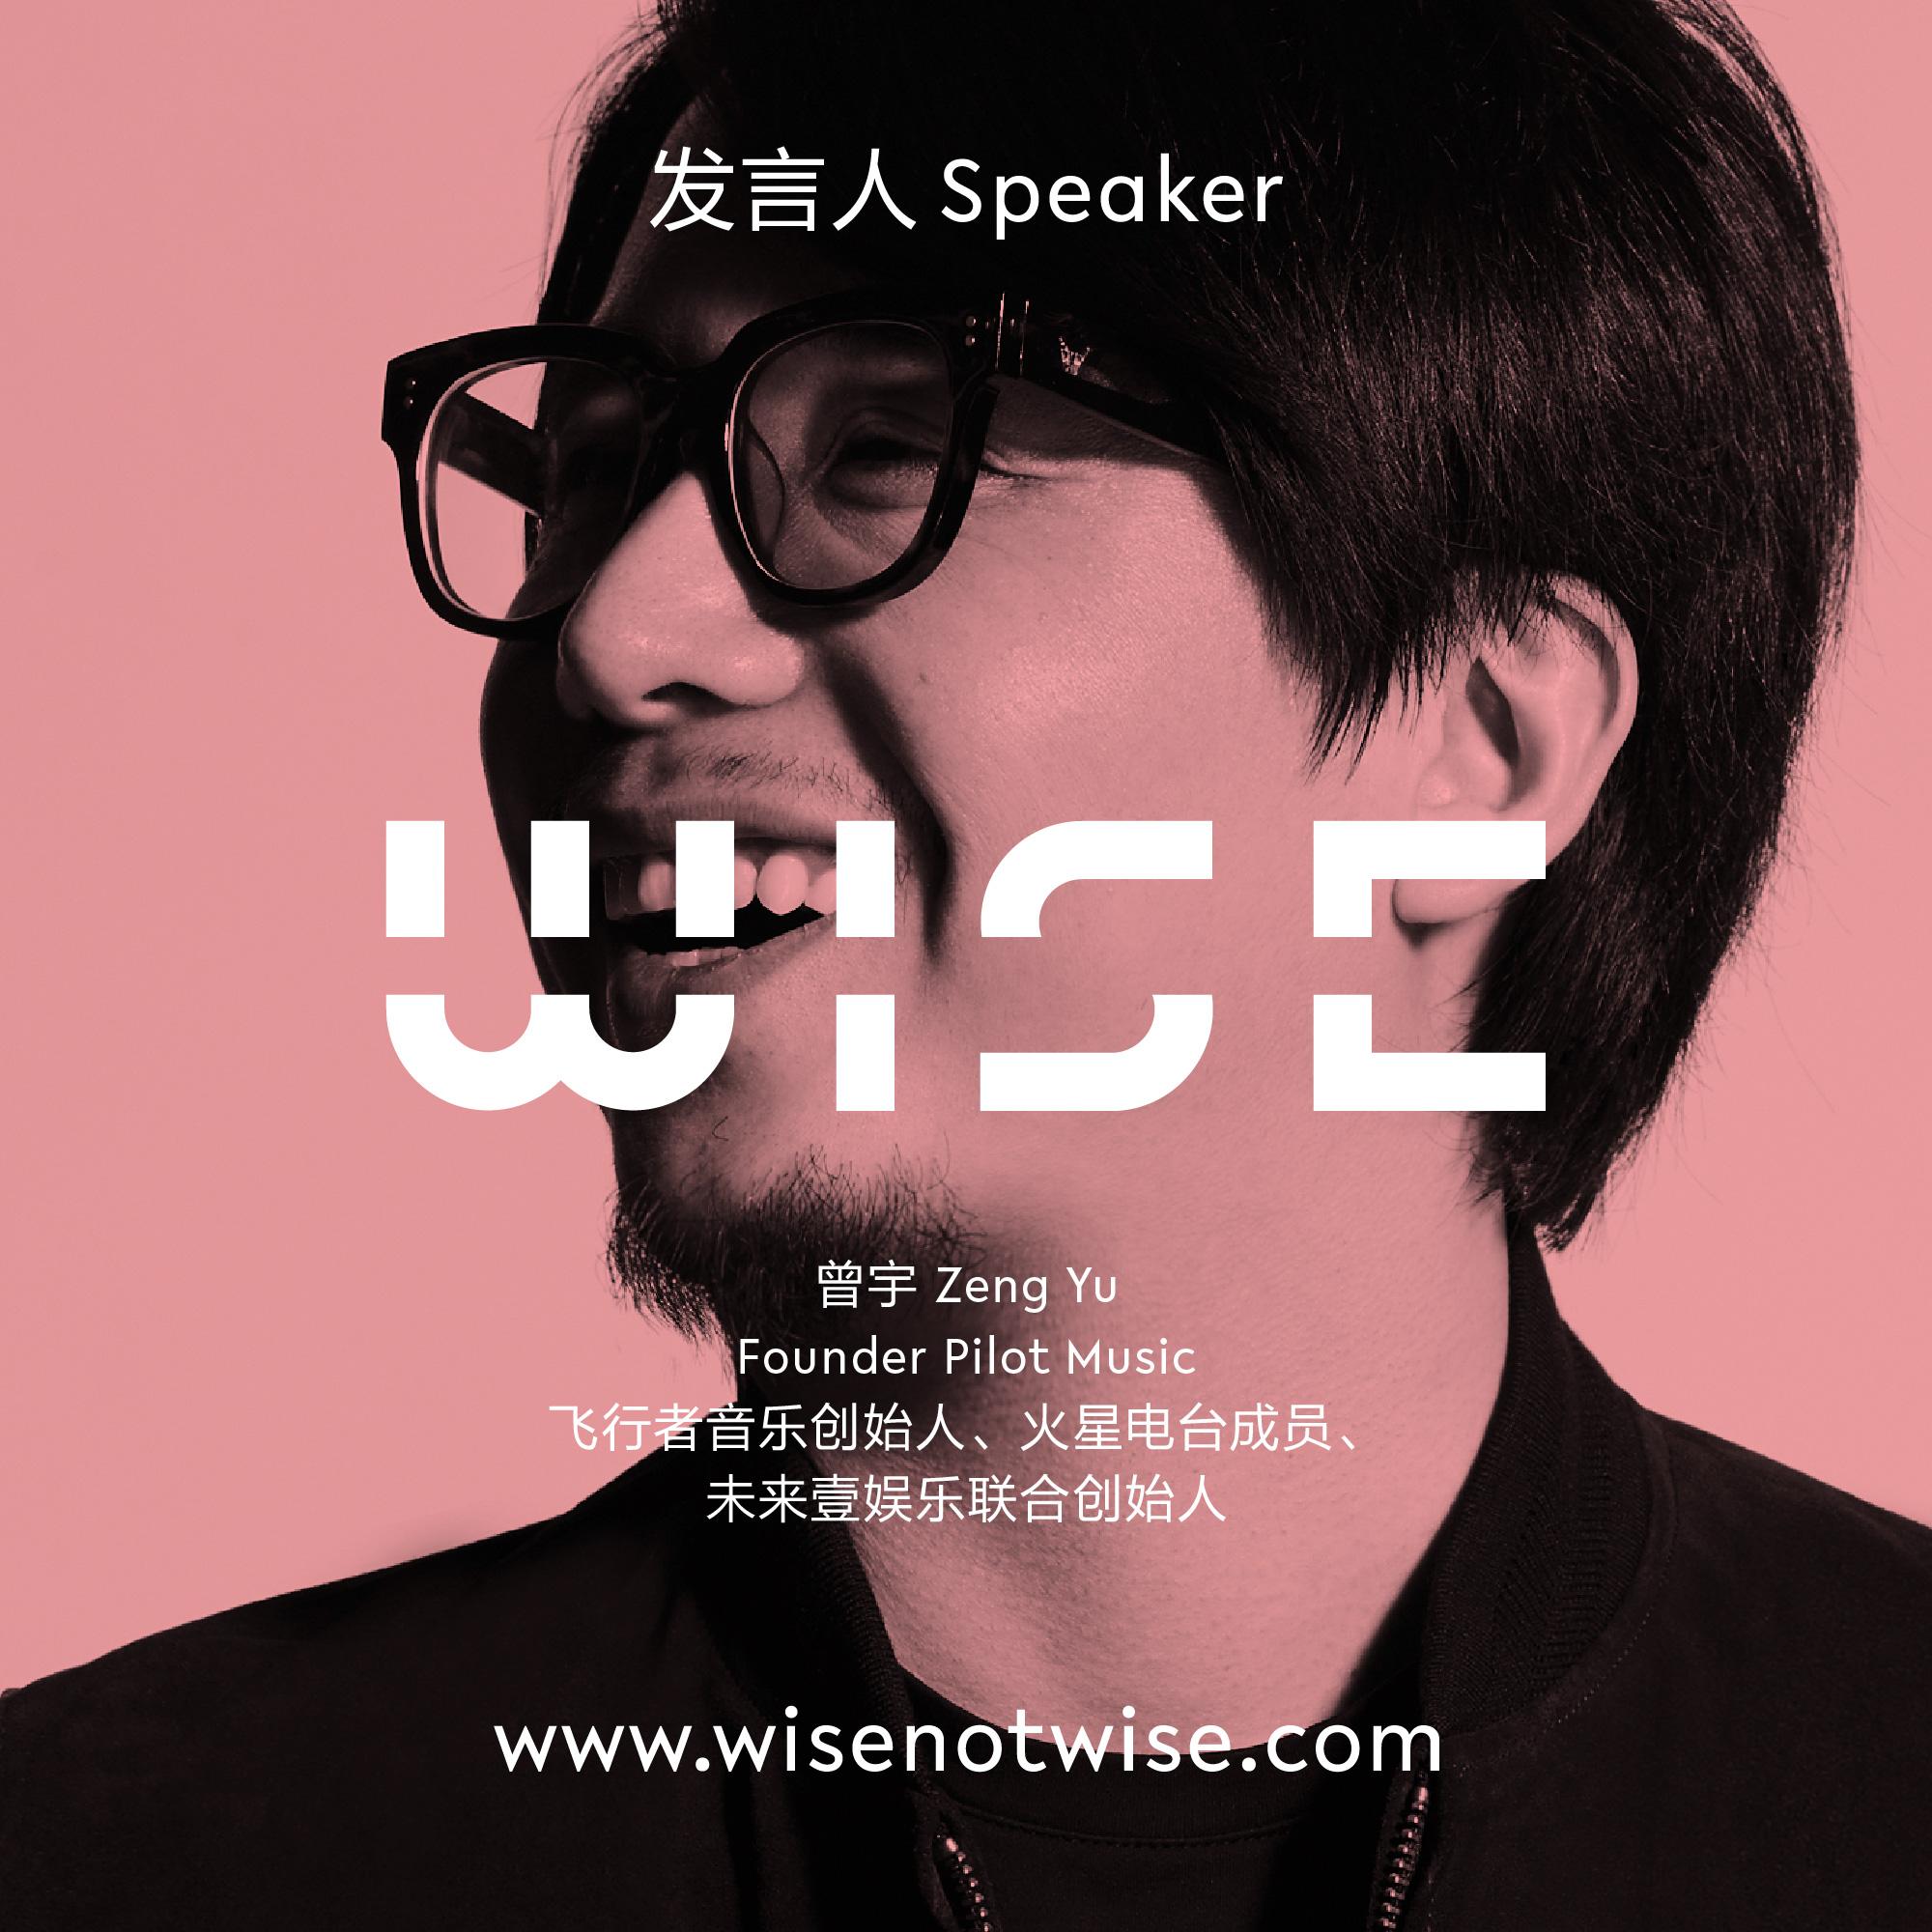 Zeng Yu, Pilot Music